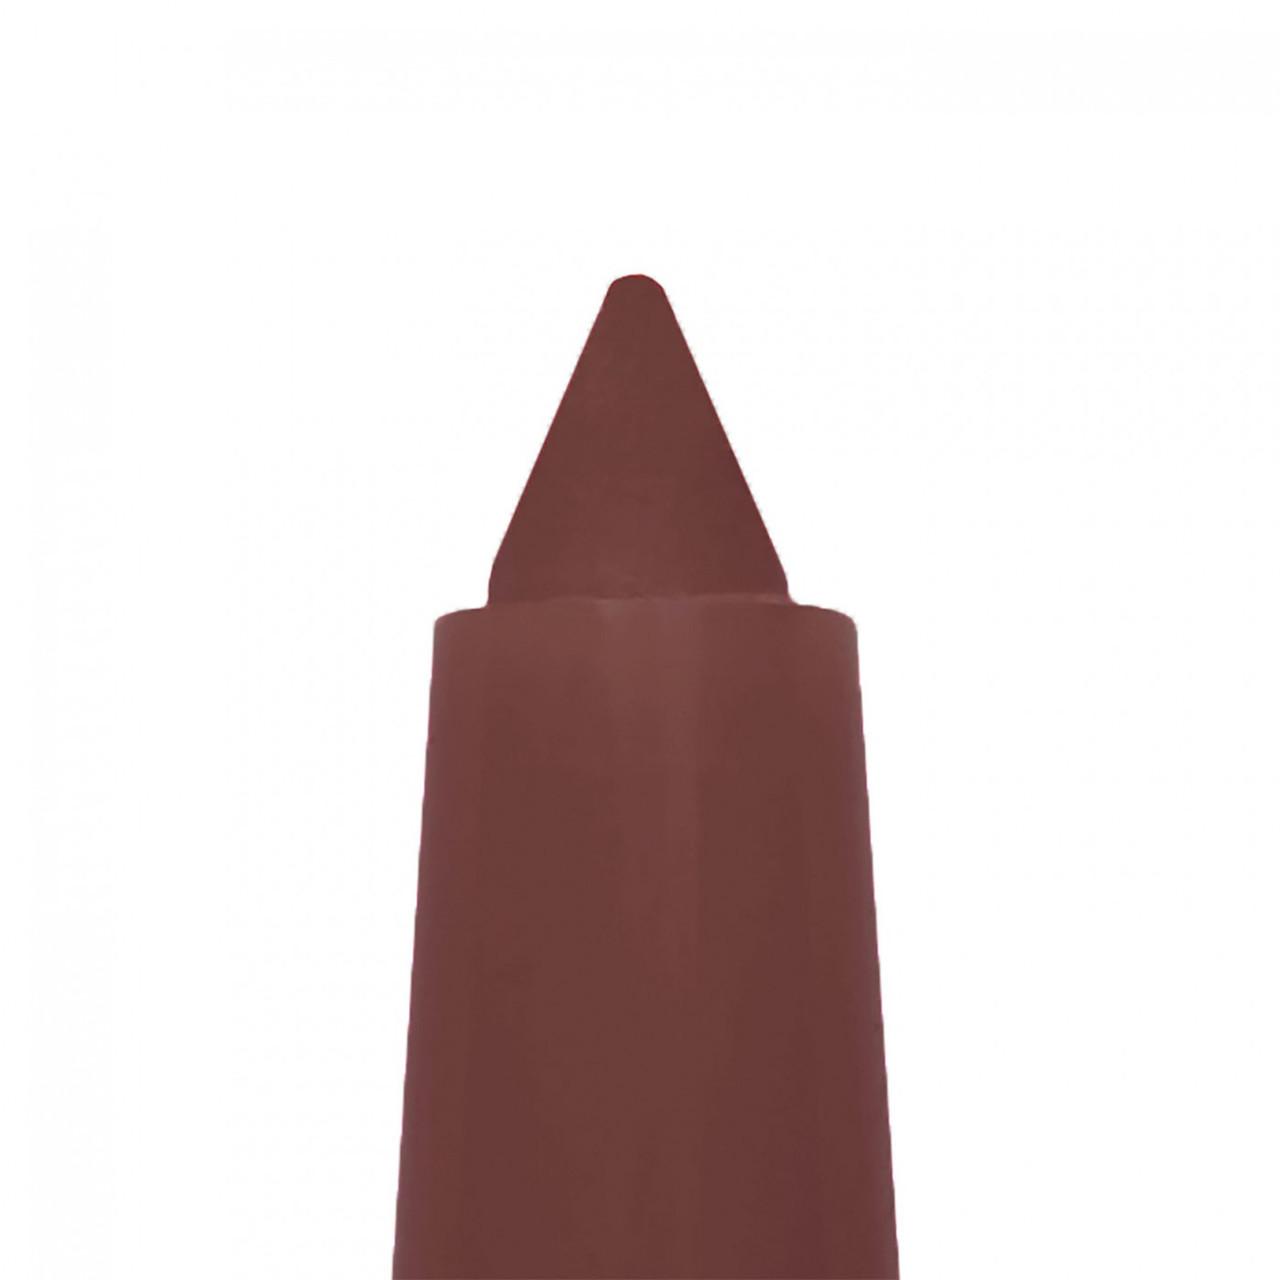 Карандаш для губ перламутровый механический Aristocrat (06 COFFEE)